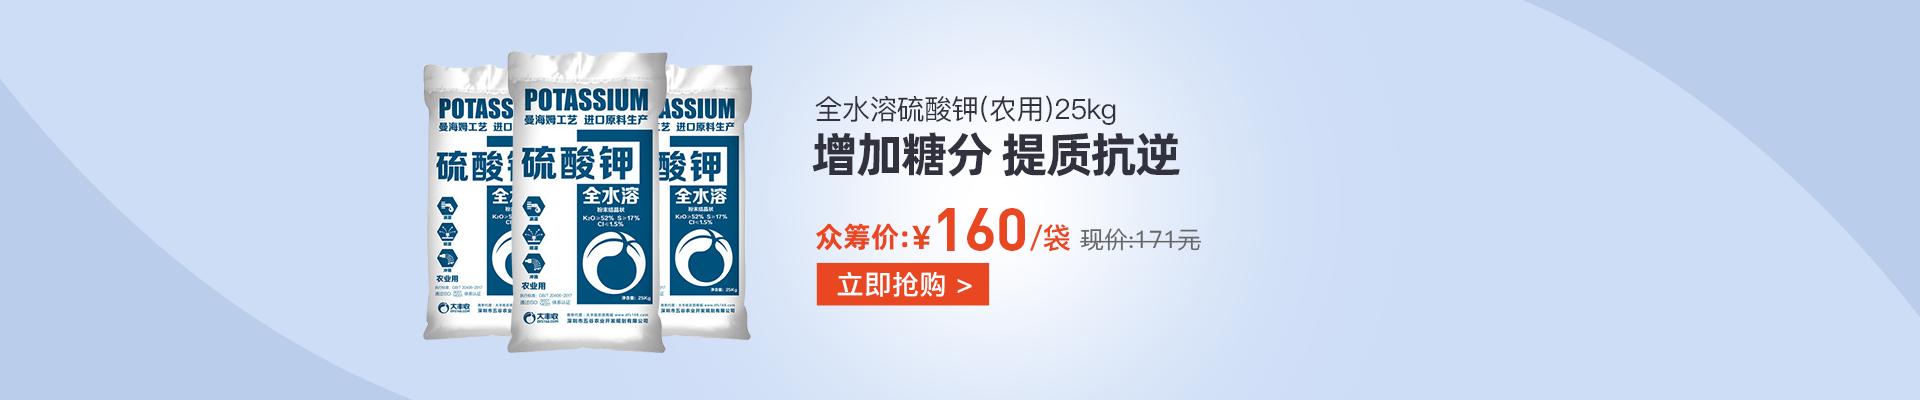 【5月】众筹-【大丰收定制】全水溶硫酸钾(农用)25kg25kg*5袋